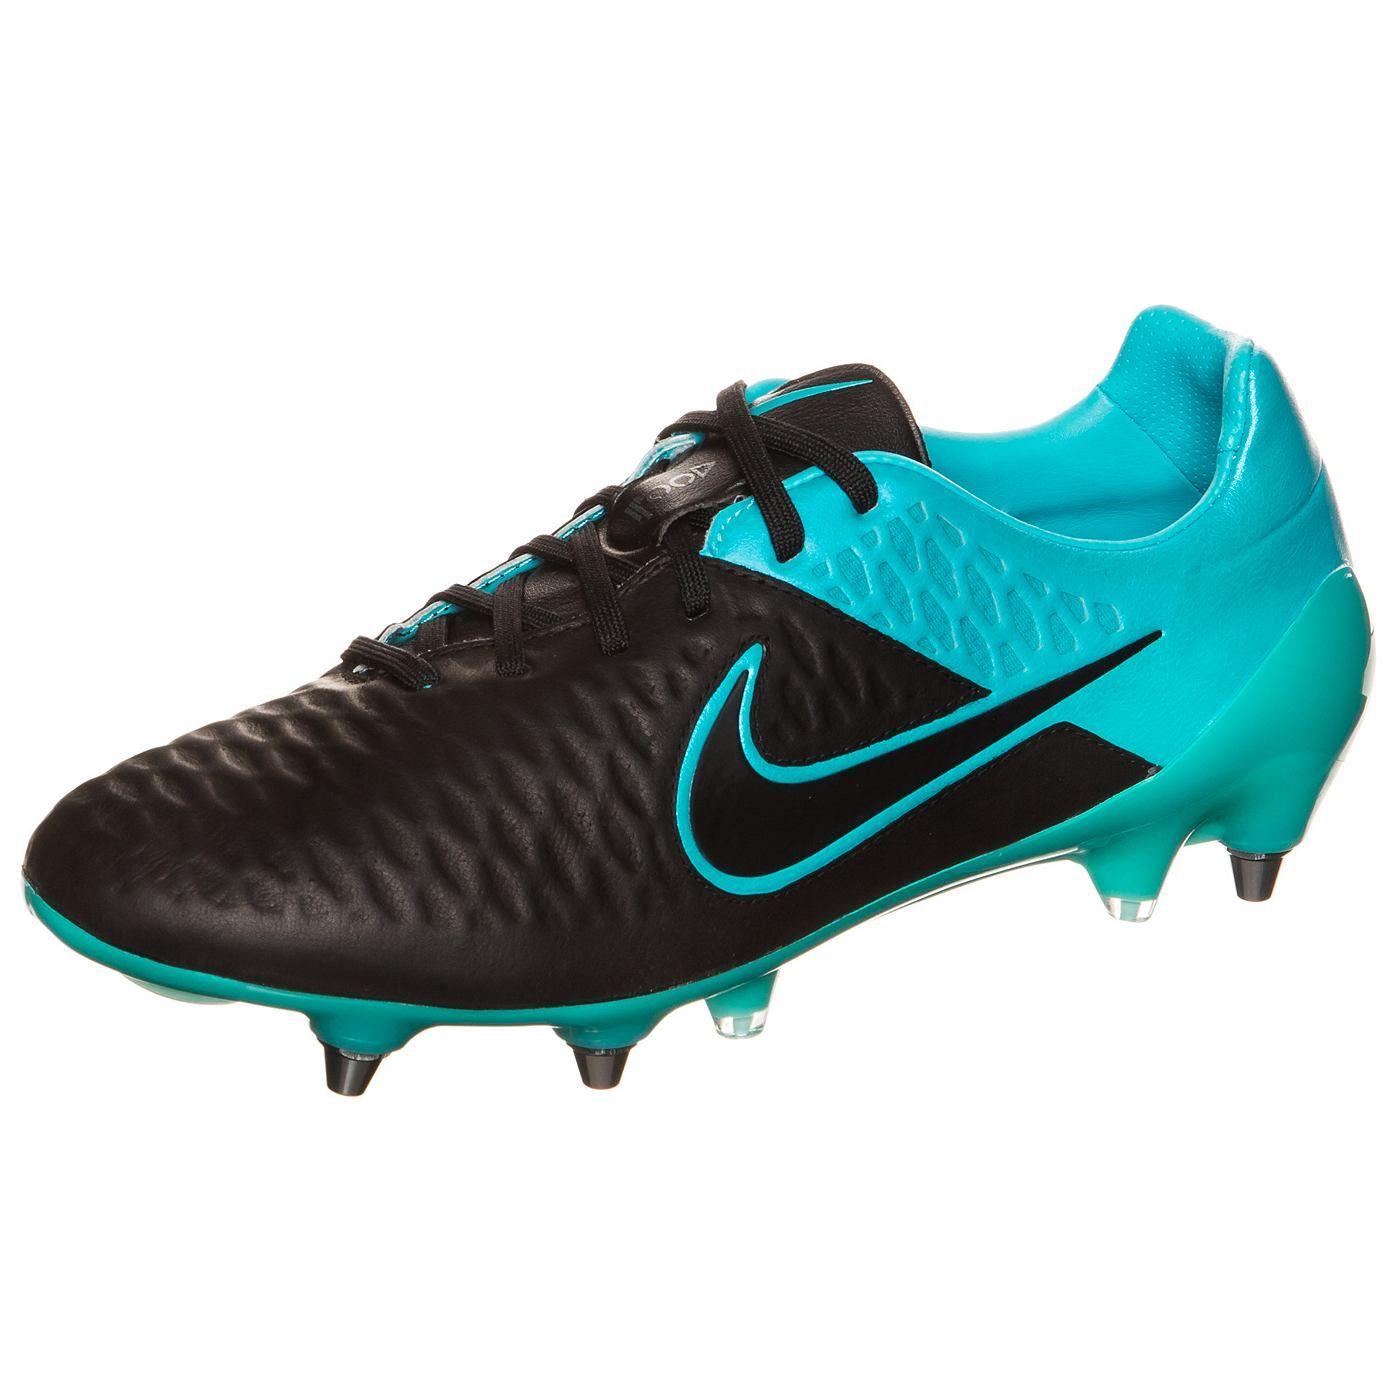 Nike Magista Opus Leather Sg Pro Fussballschuh Herren